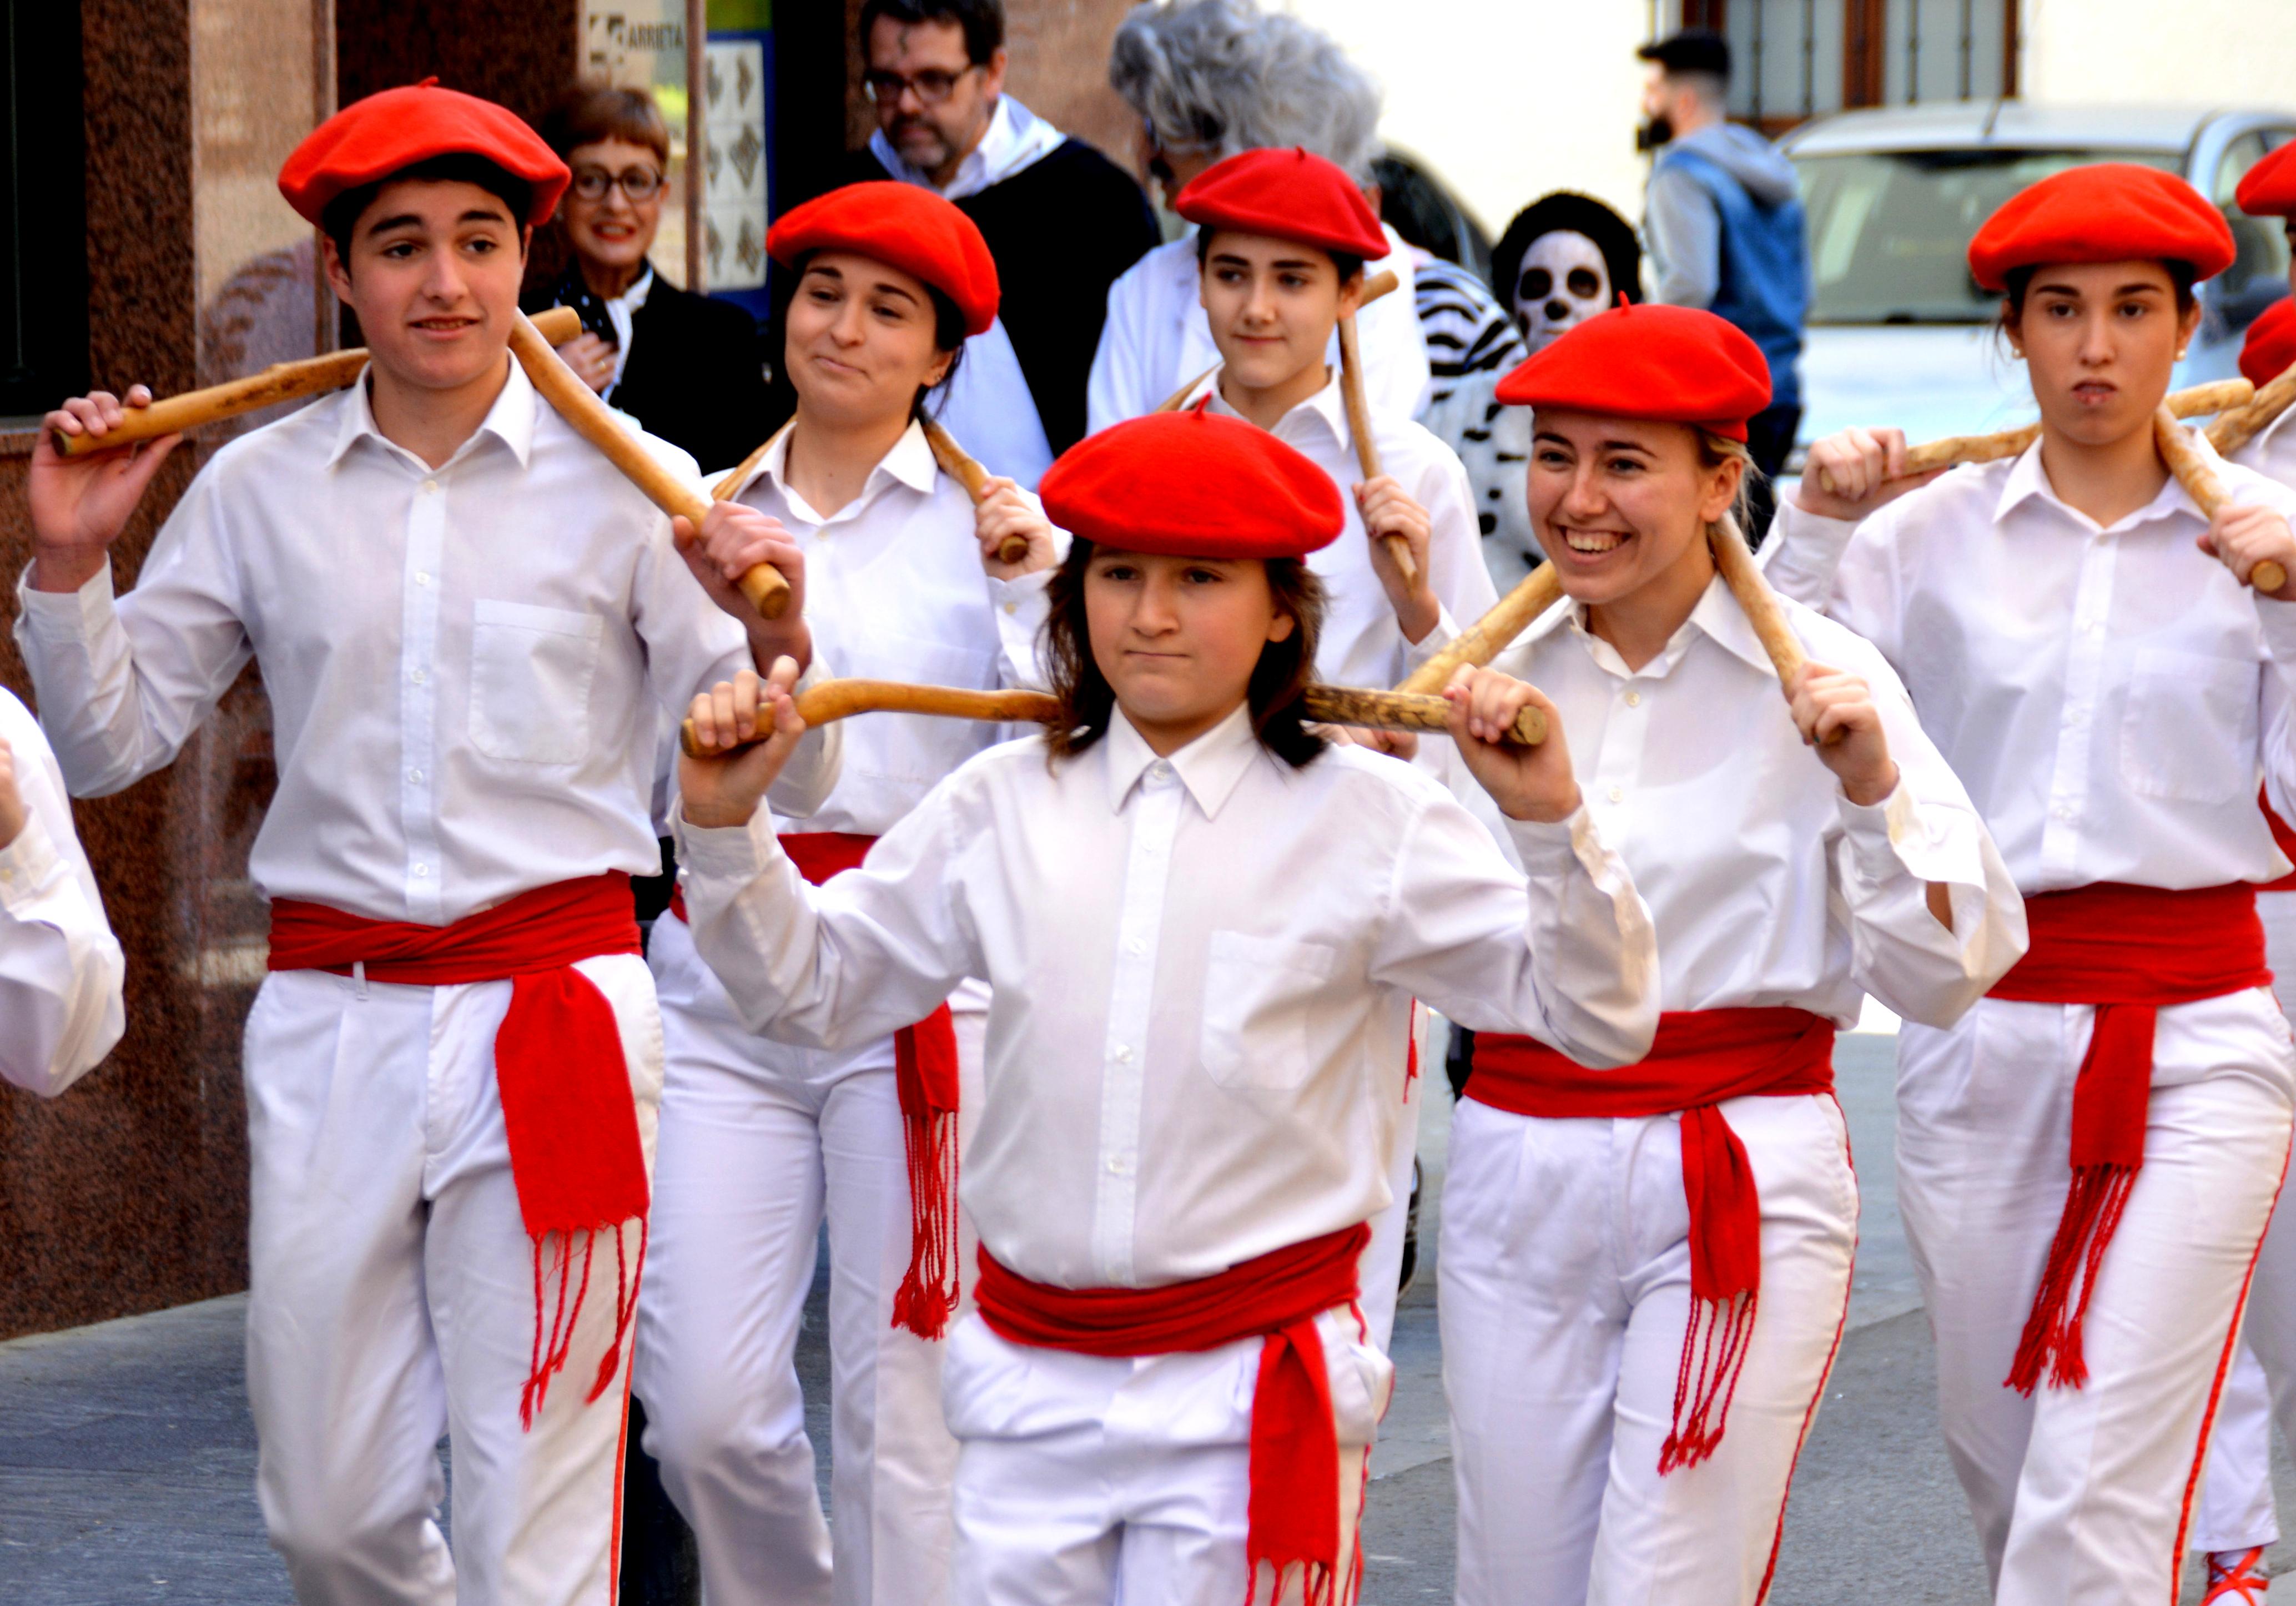 Hitzaldia: Genero-identitatea euskal dantzaren eraikuntzan